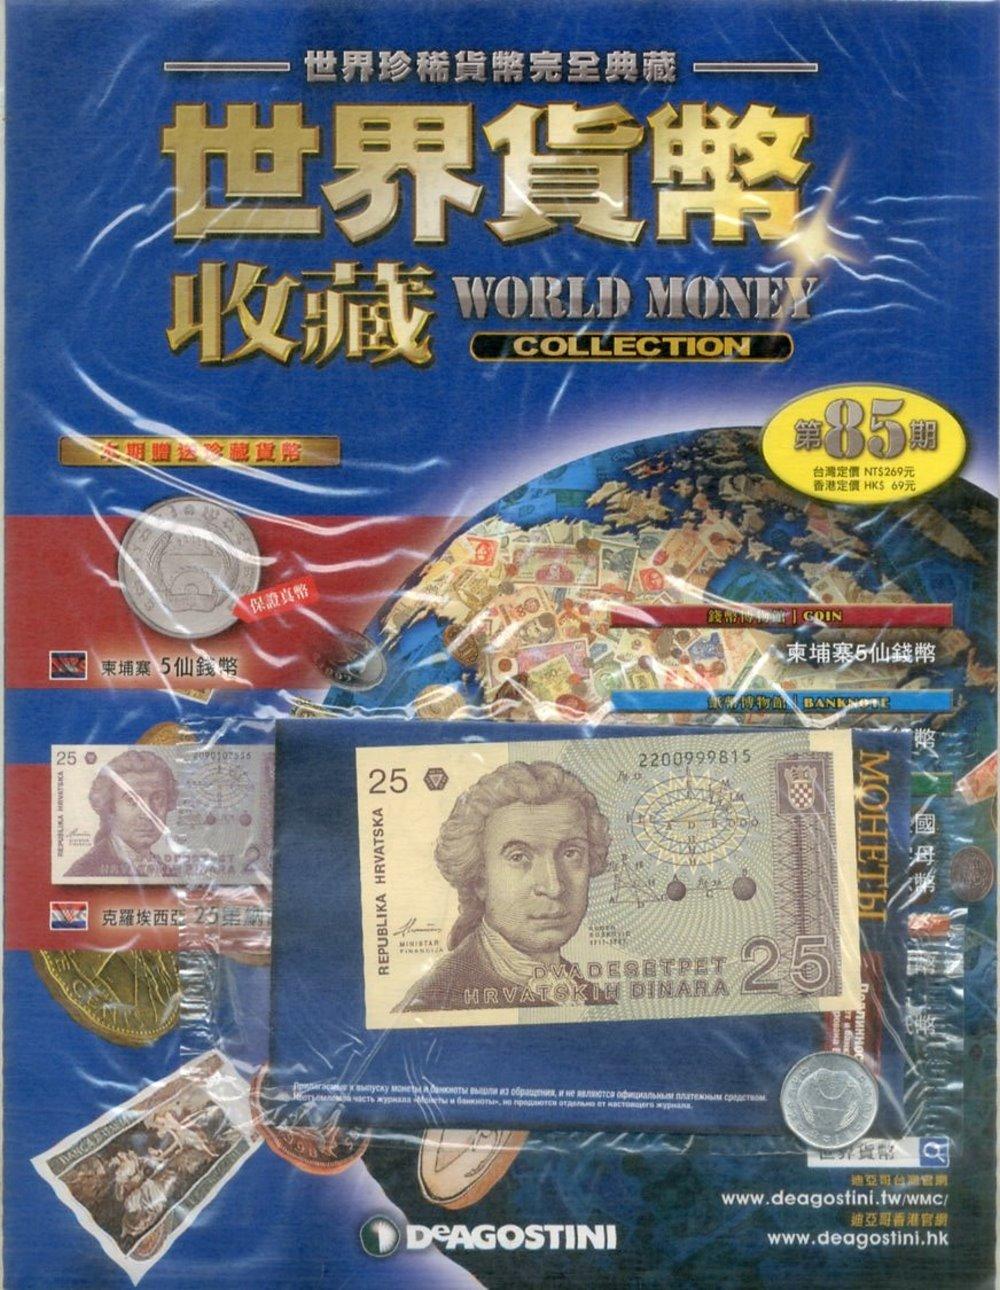 世界貨幣收藏 2018/5/22 第85期